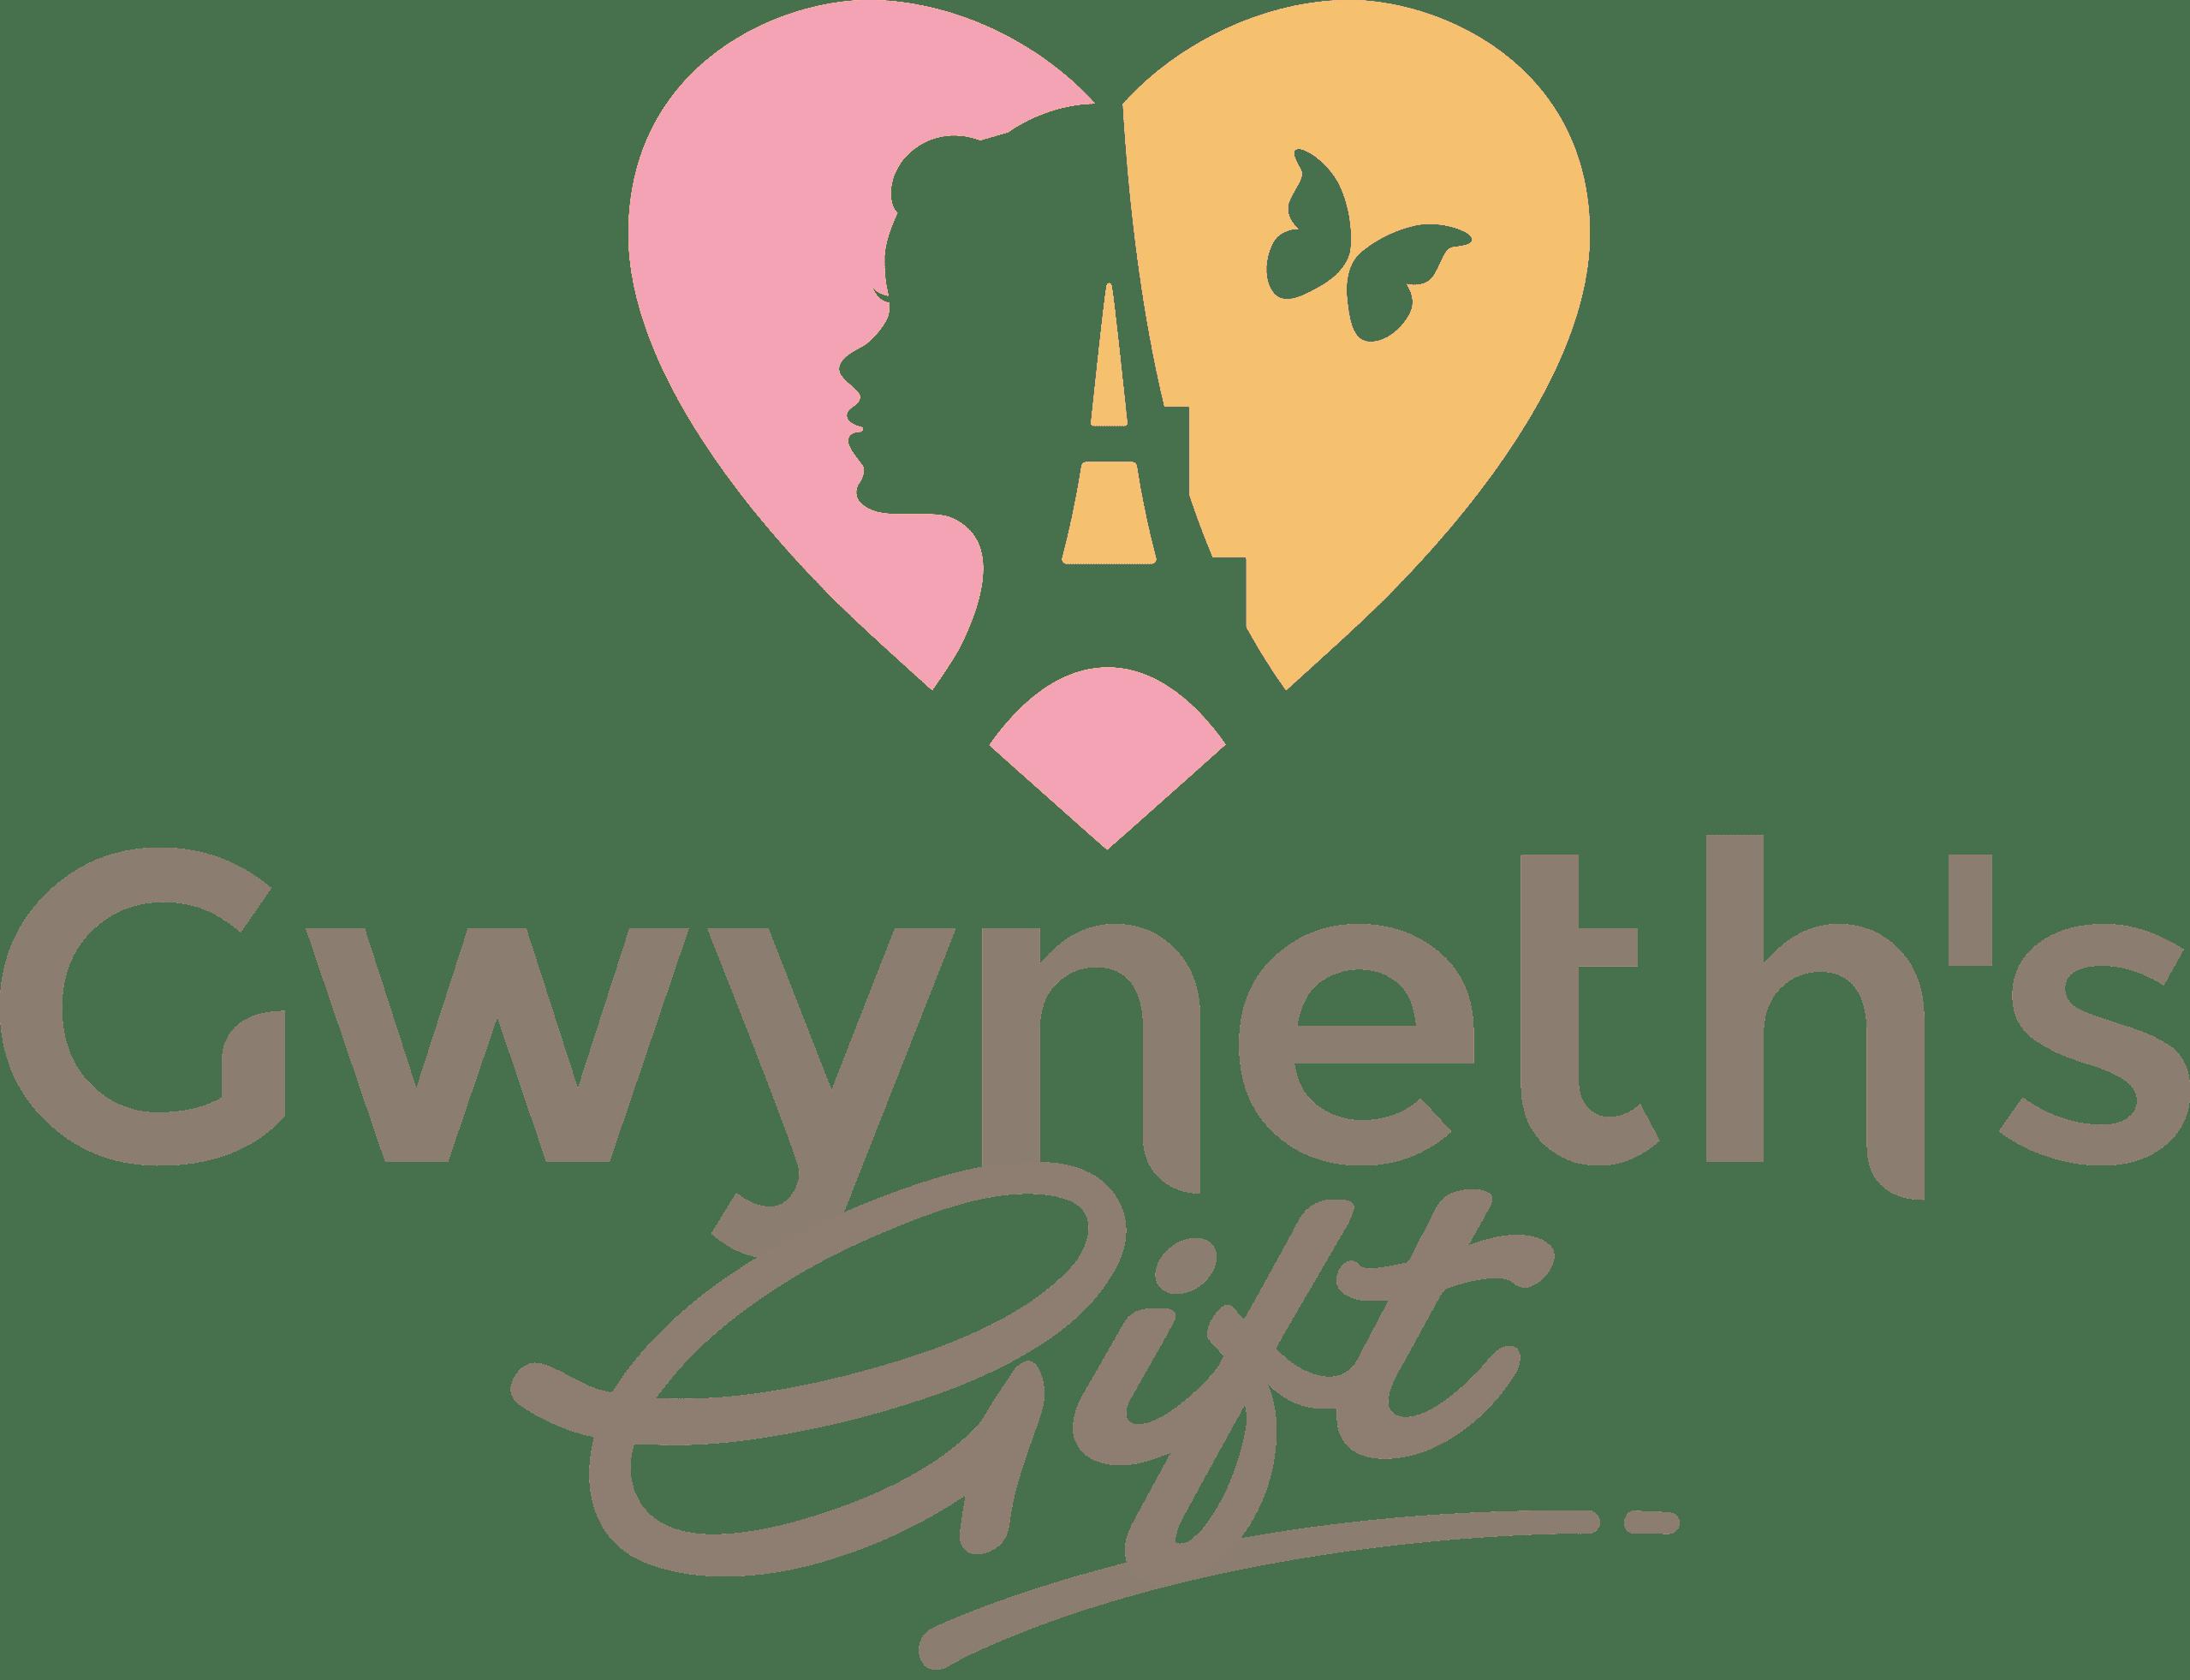 Gwyneth's Gift Foundation